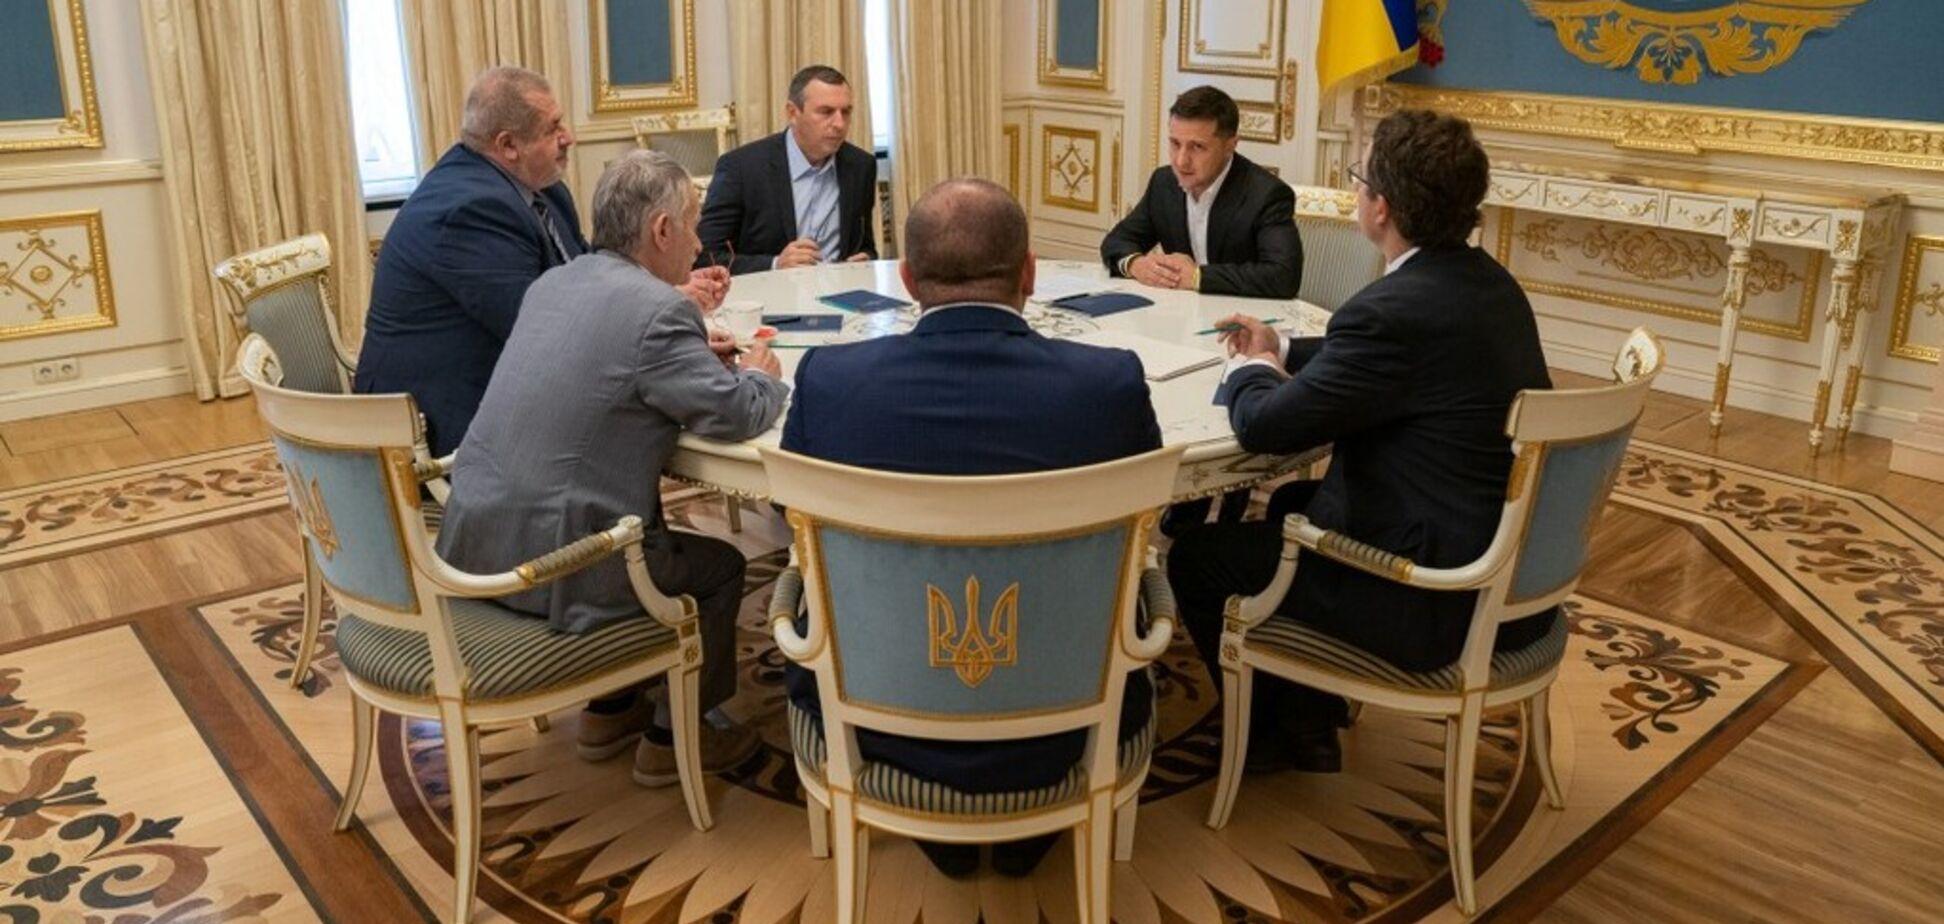 'Я говорив із Зеленським': Джемілєв озвучив прогноз щодо автономії для Криму